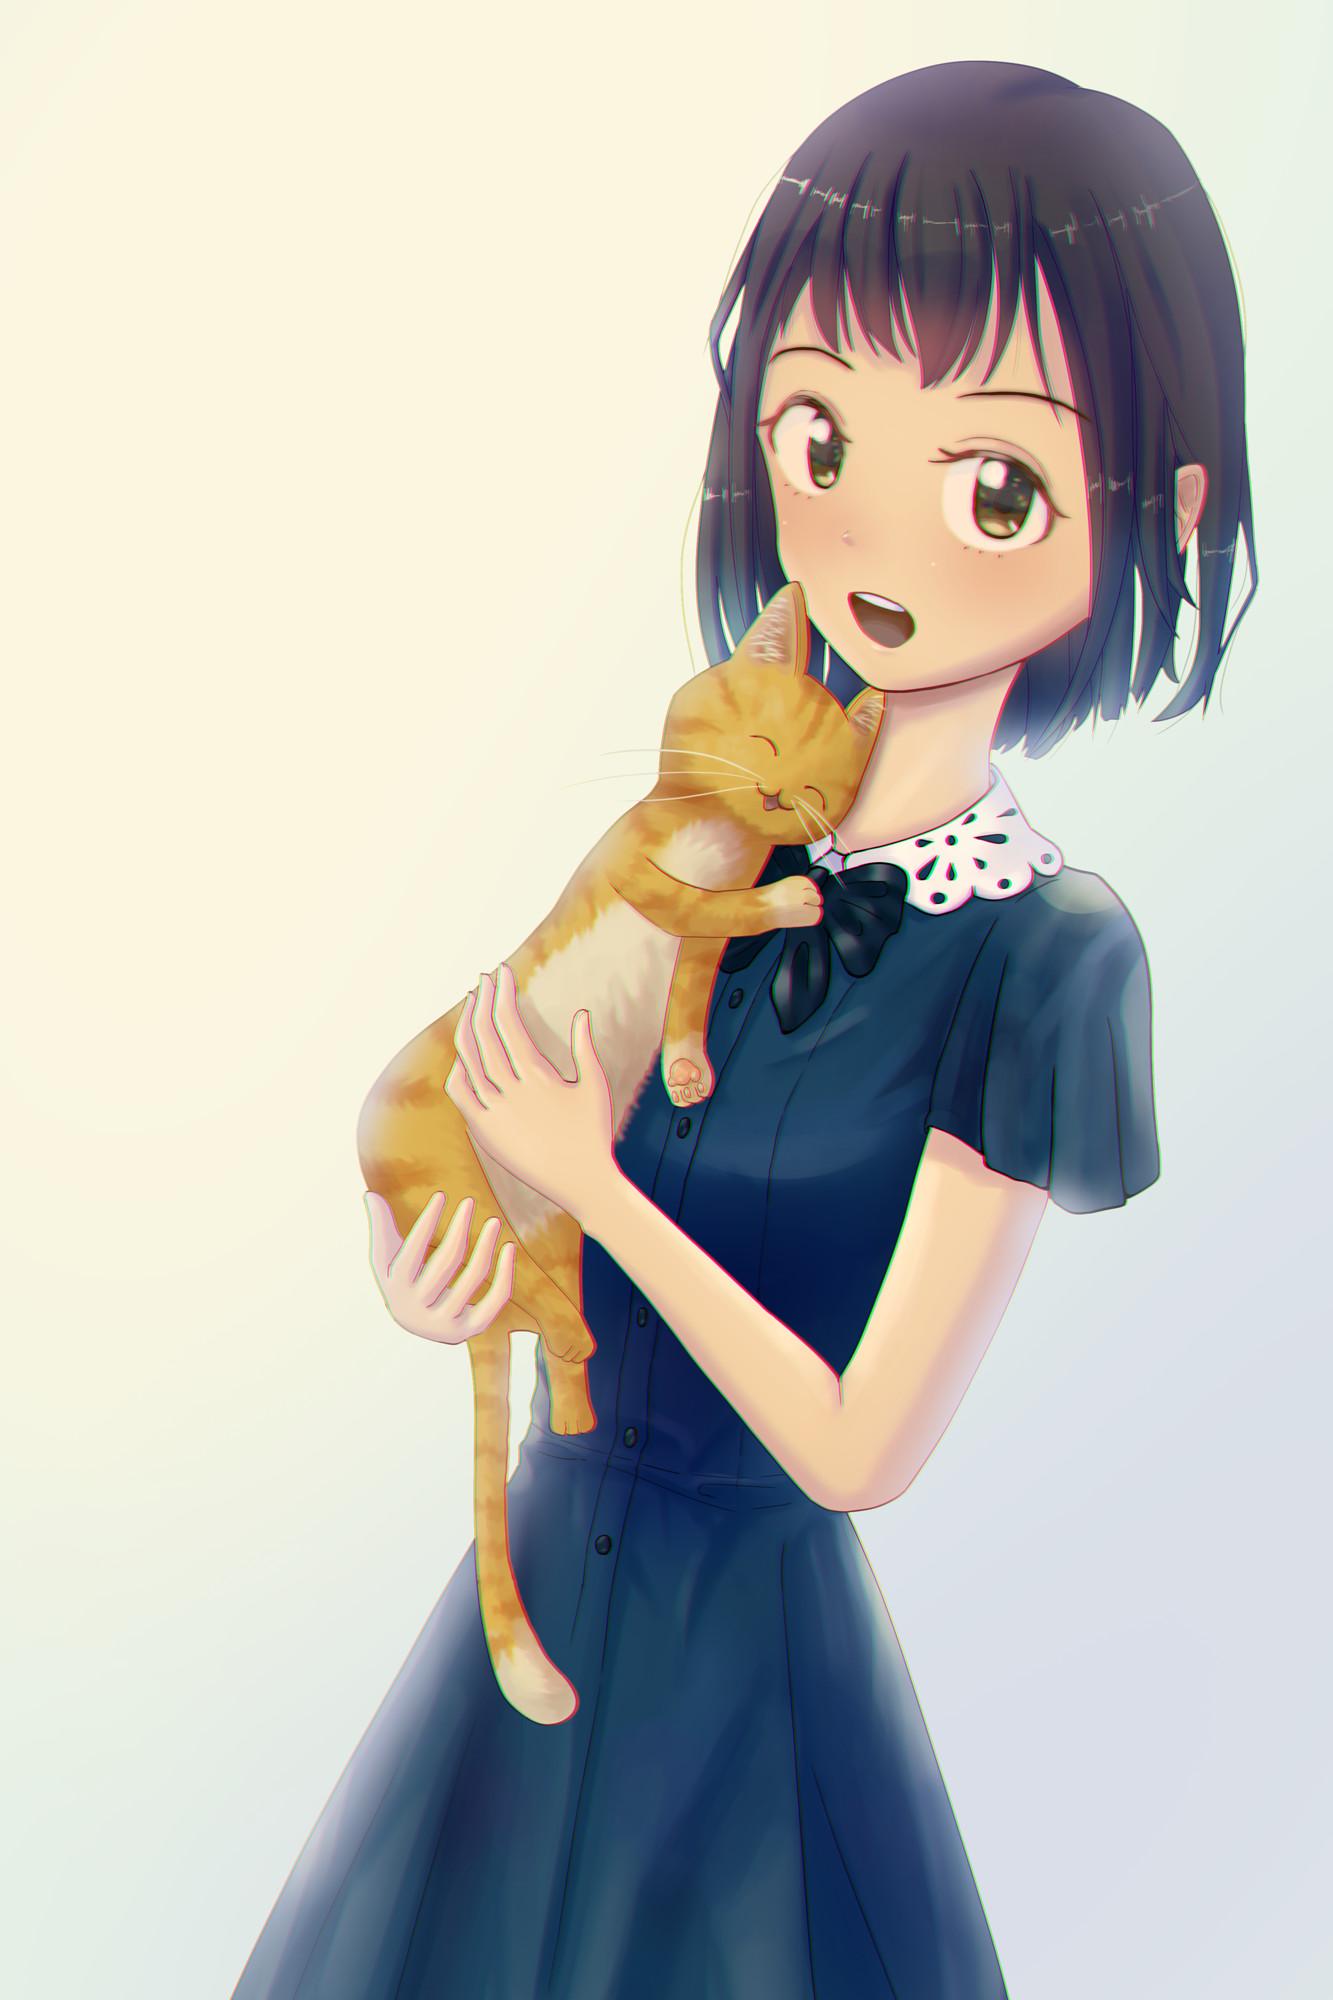 Фото Девочка с кошкой на руках, by Yuichi Ito